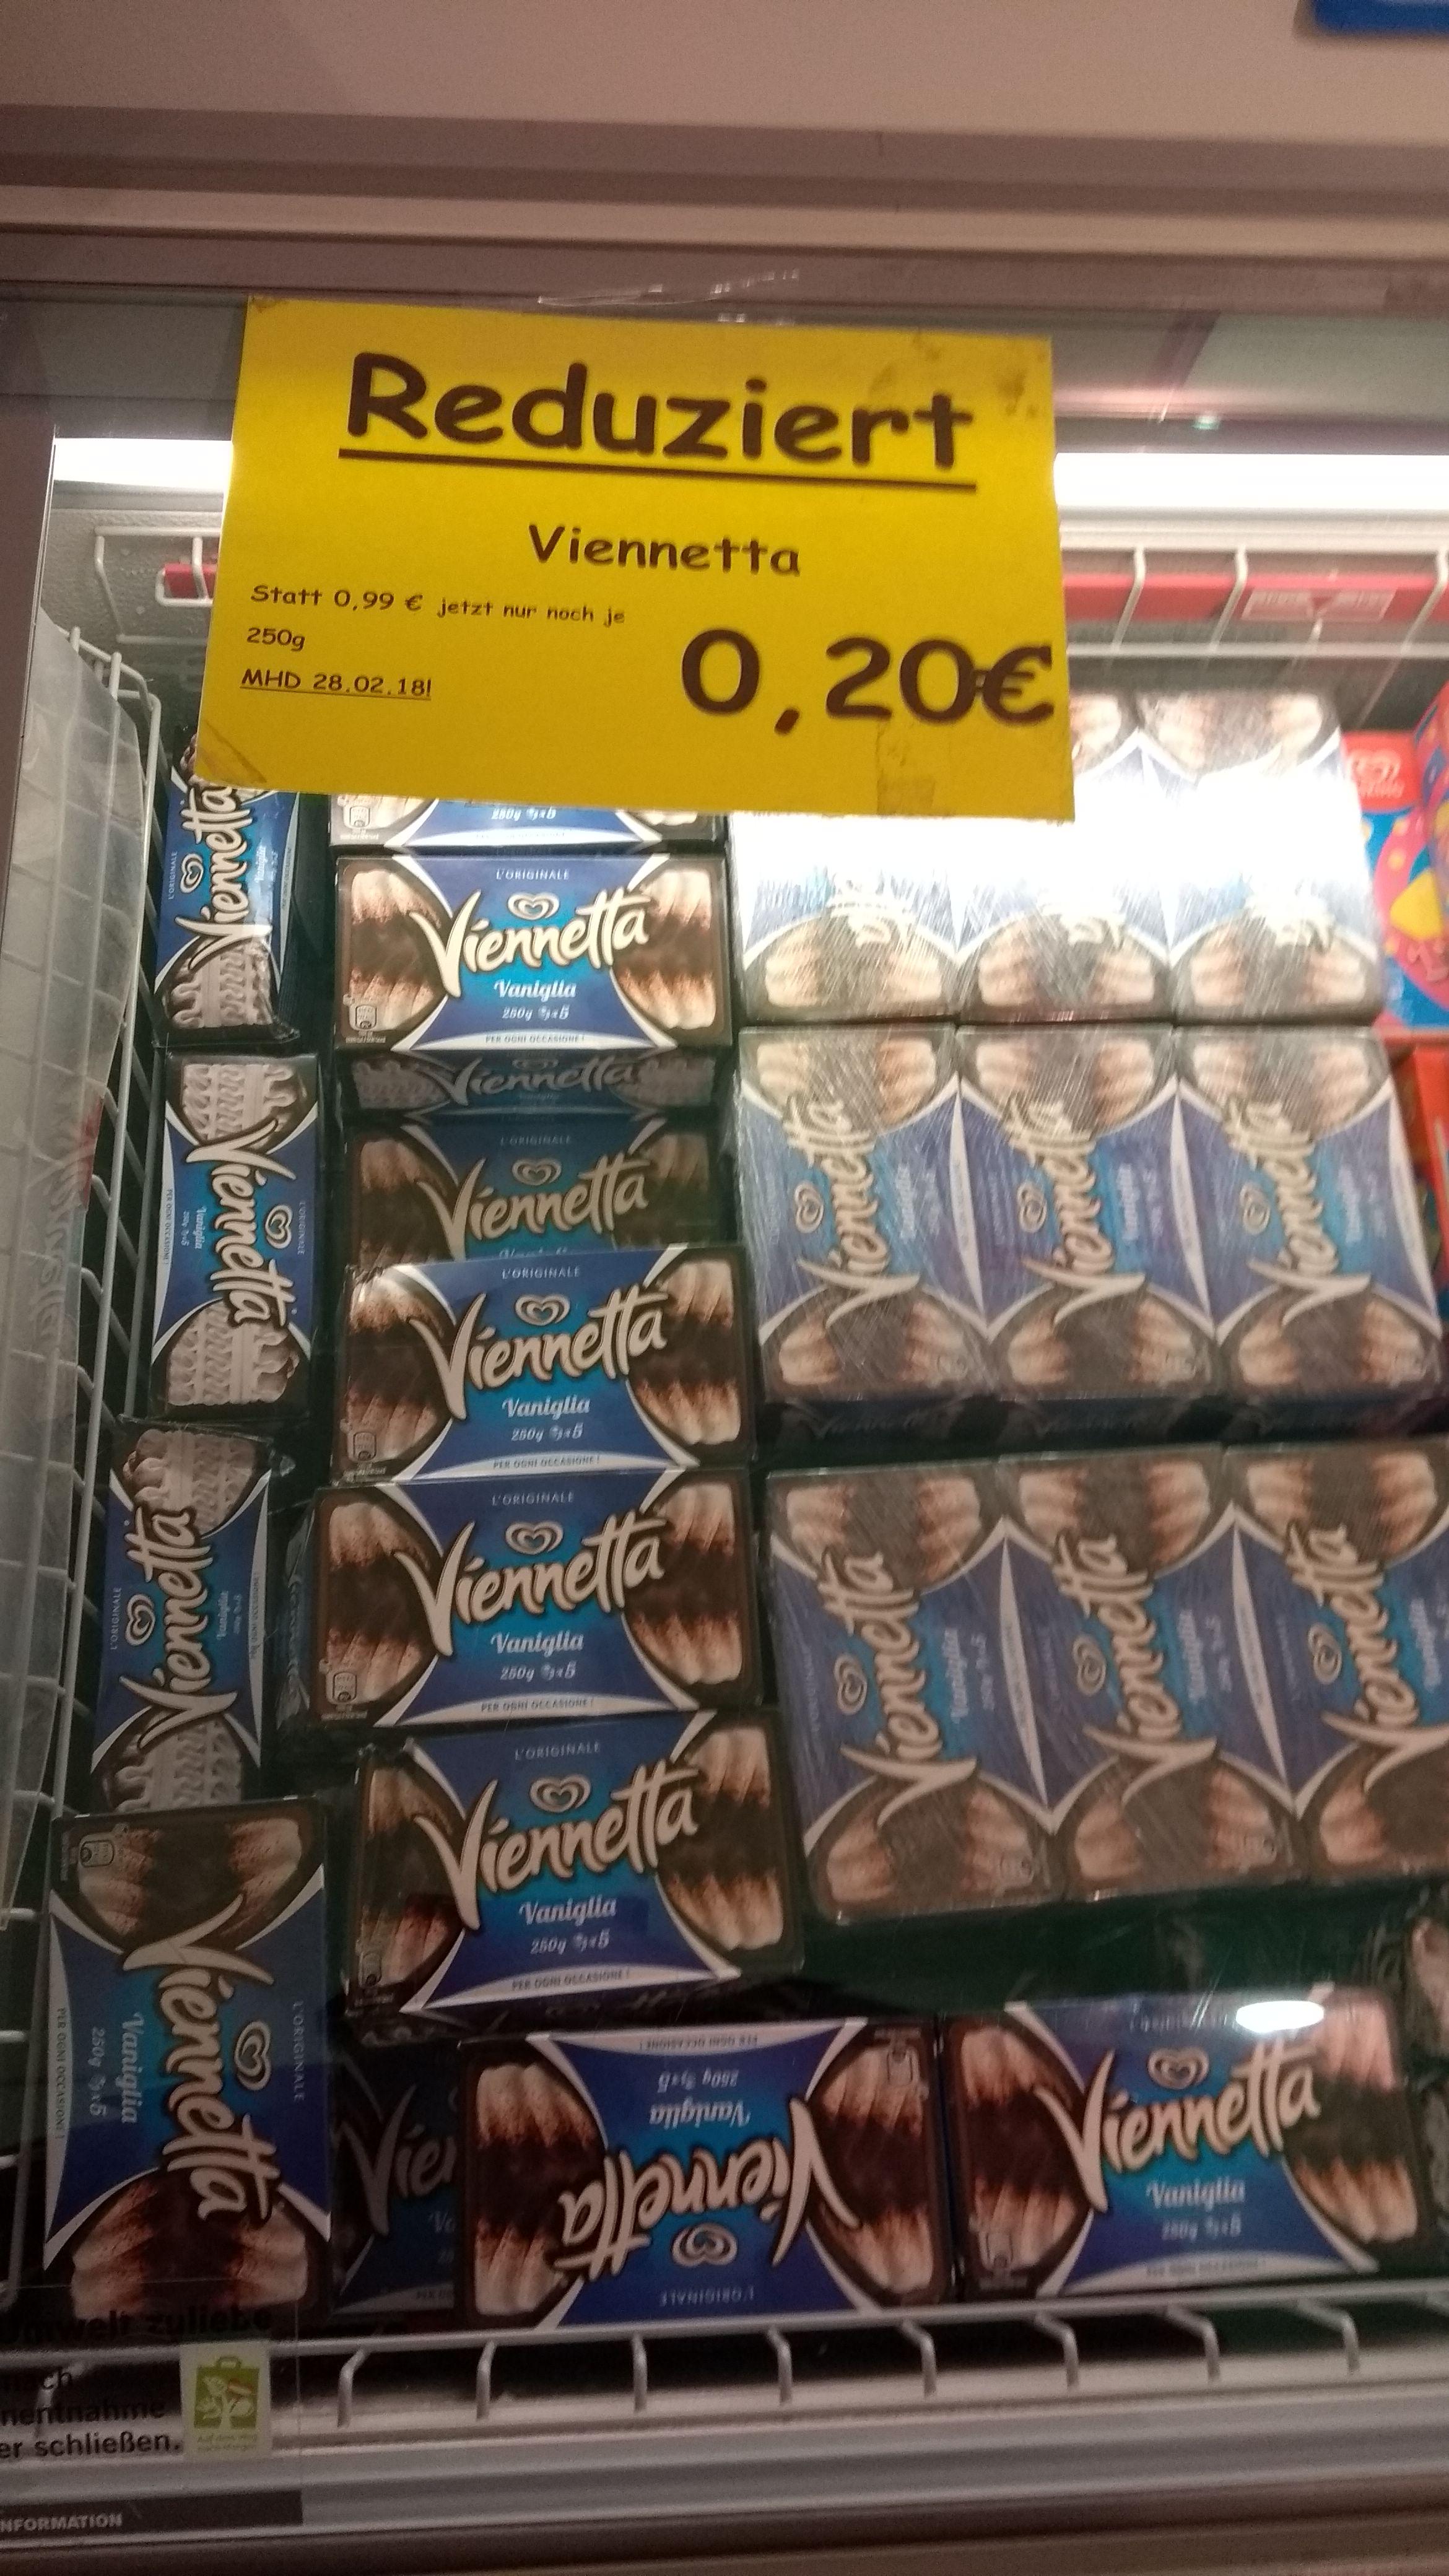 [LOKAL Bremen] Langnese Viennetta Vanille mit MHD 28.02.18 für 0,20 €